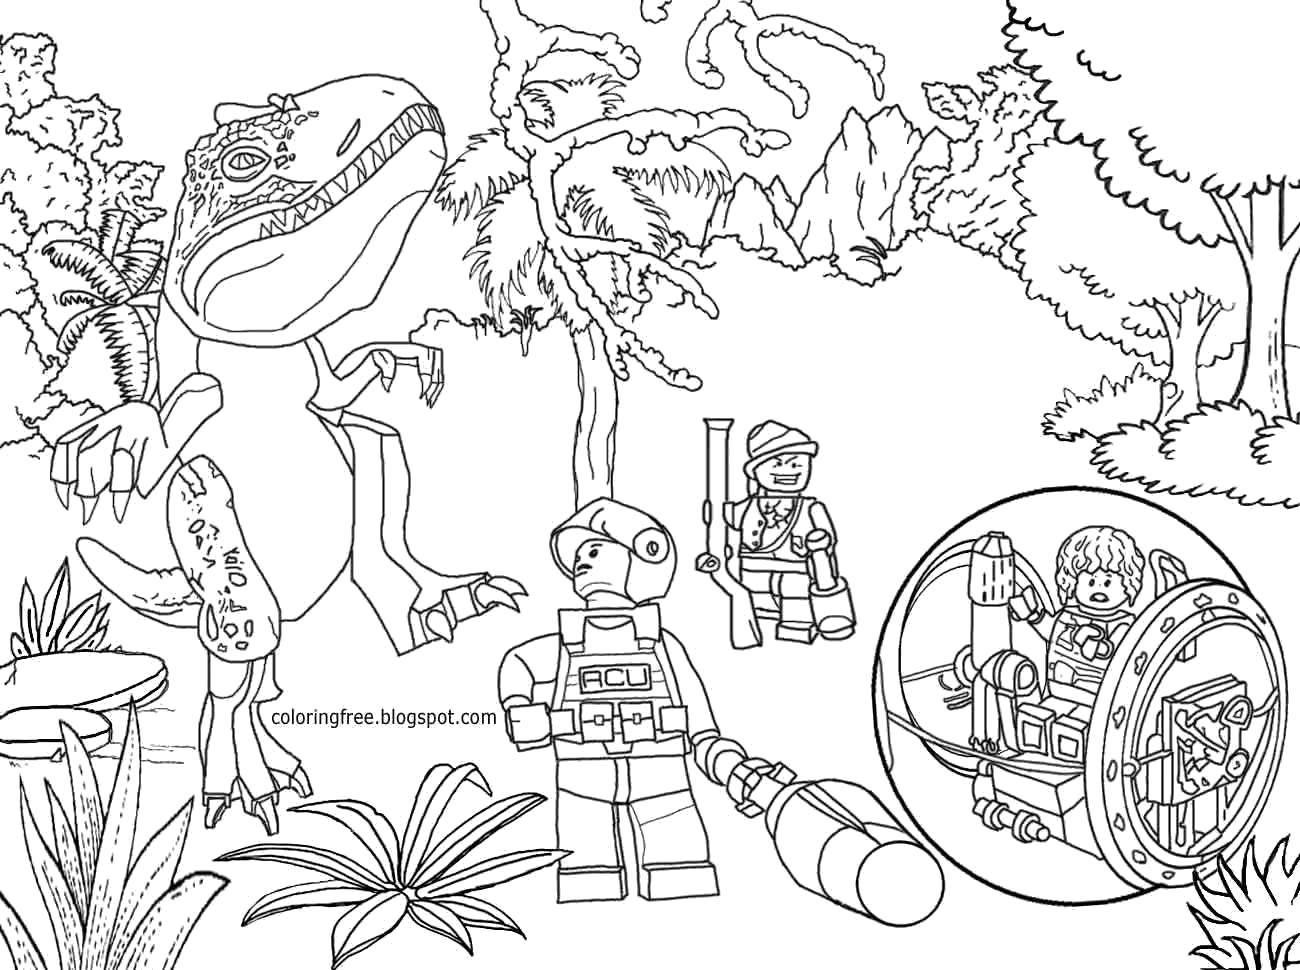 Раскраска Мир лего Скачать Конструктор, Лего.  Распечатать ,Лего,